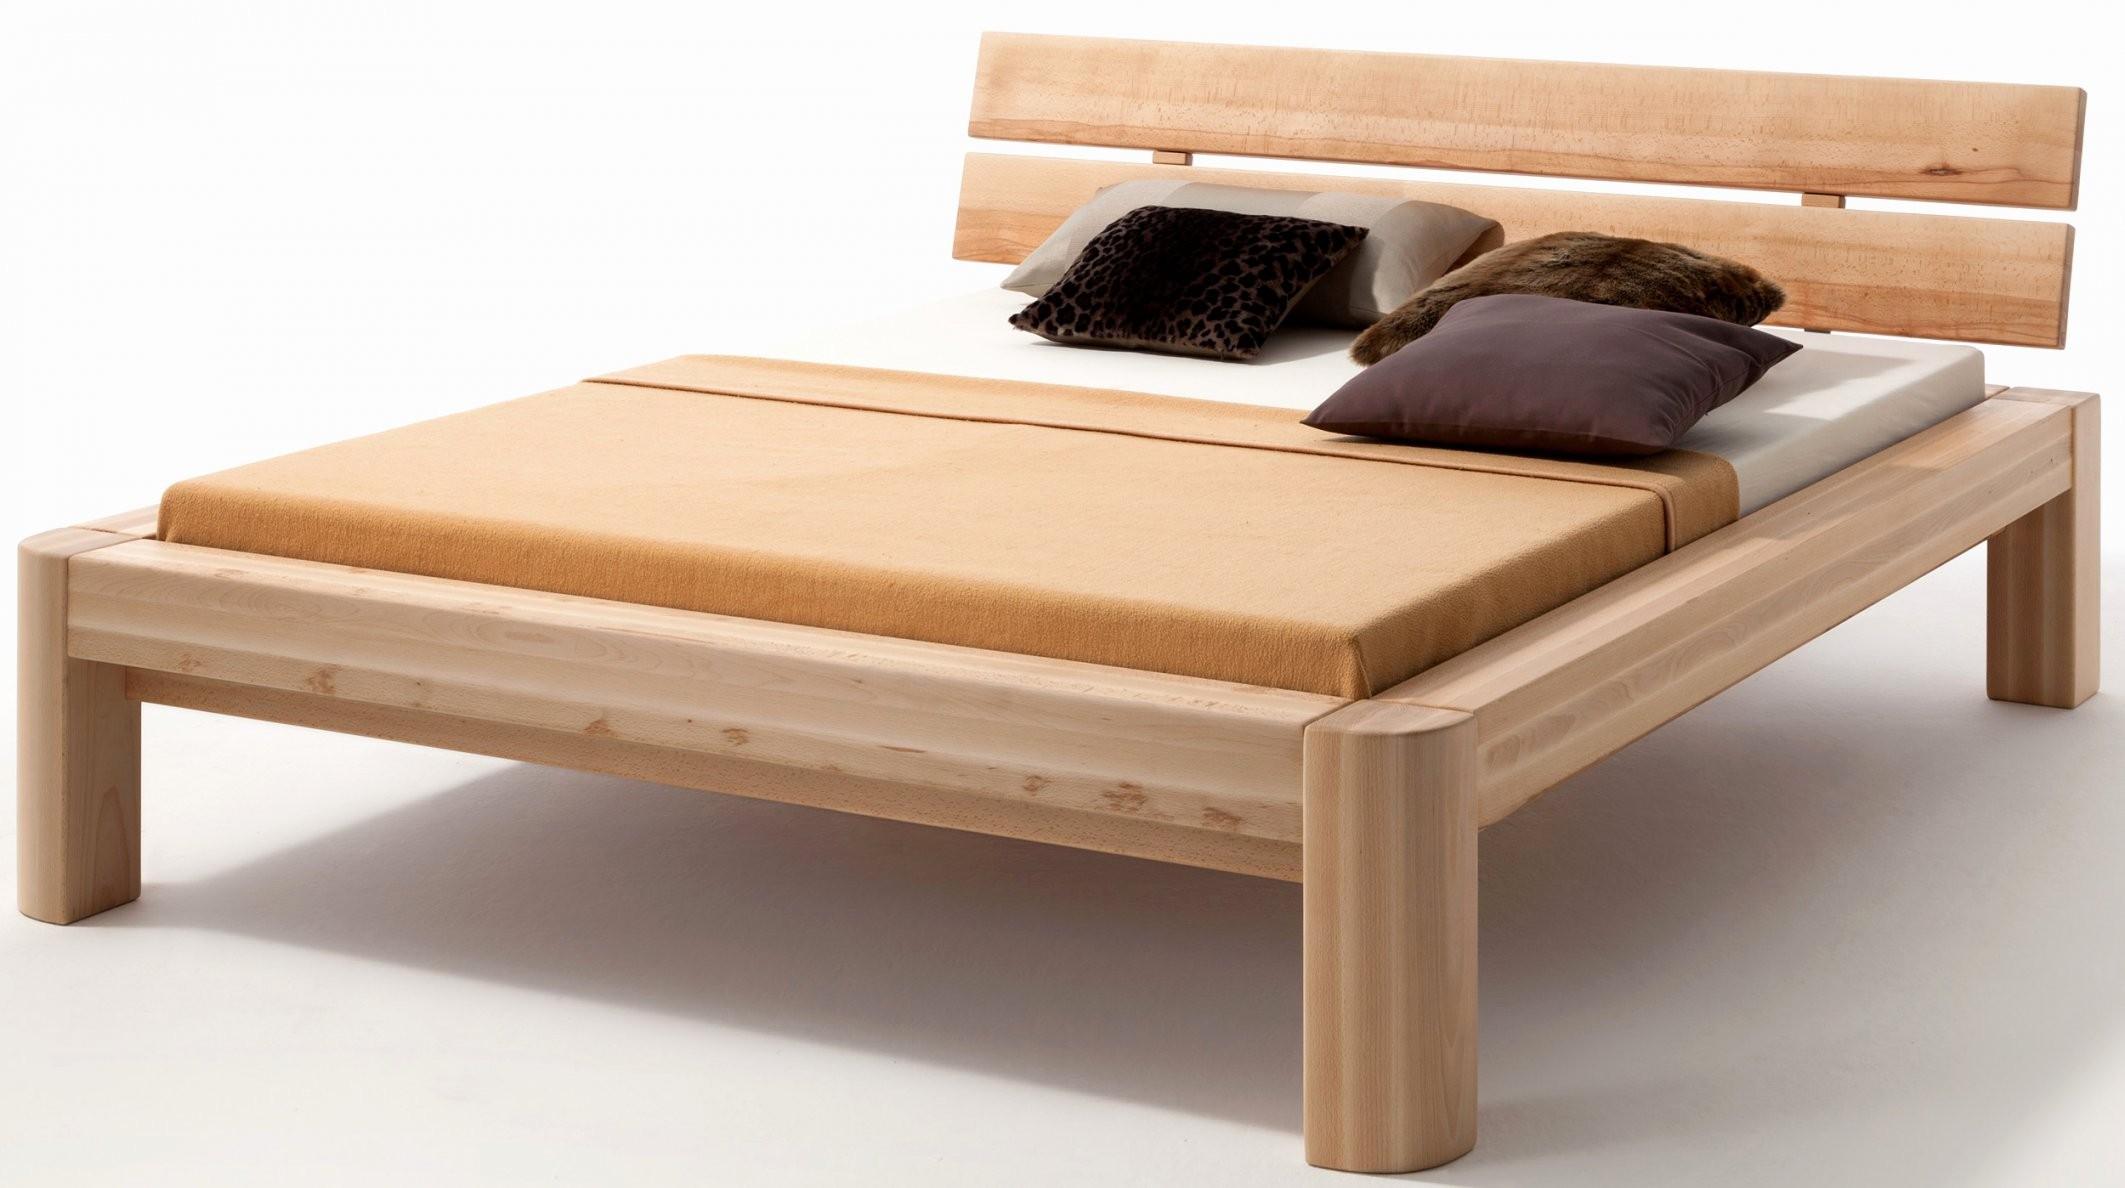 Bett 140×200 Ohne Kopfteil Eindeutig Bett Ohne Kopfteil 140—200 Best von Bett Ohne Kopfteil 140X200 Bild